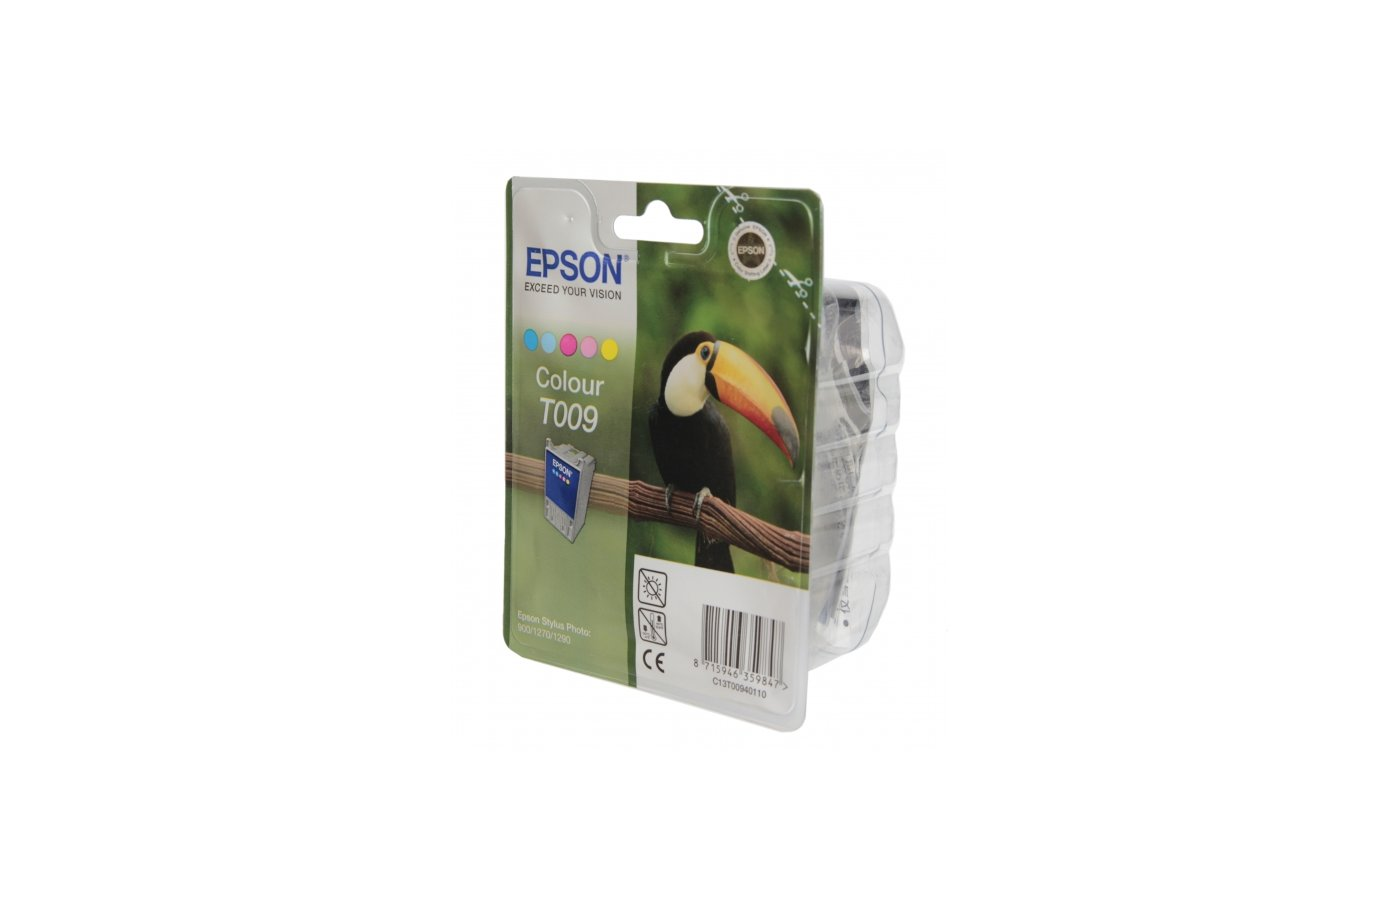 Картридж струйный Epson C13T009401 цветной для Stylus Photo 1270